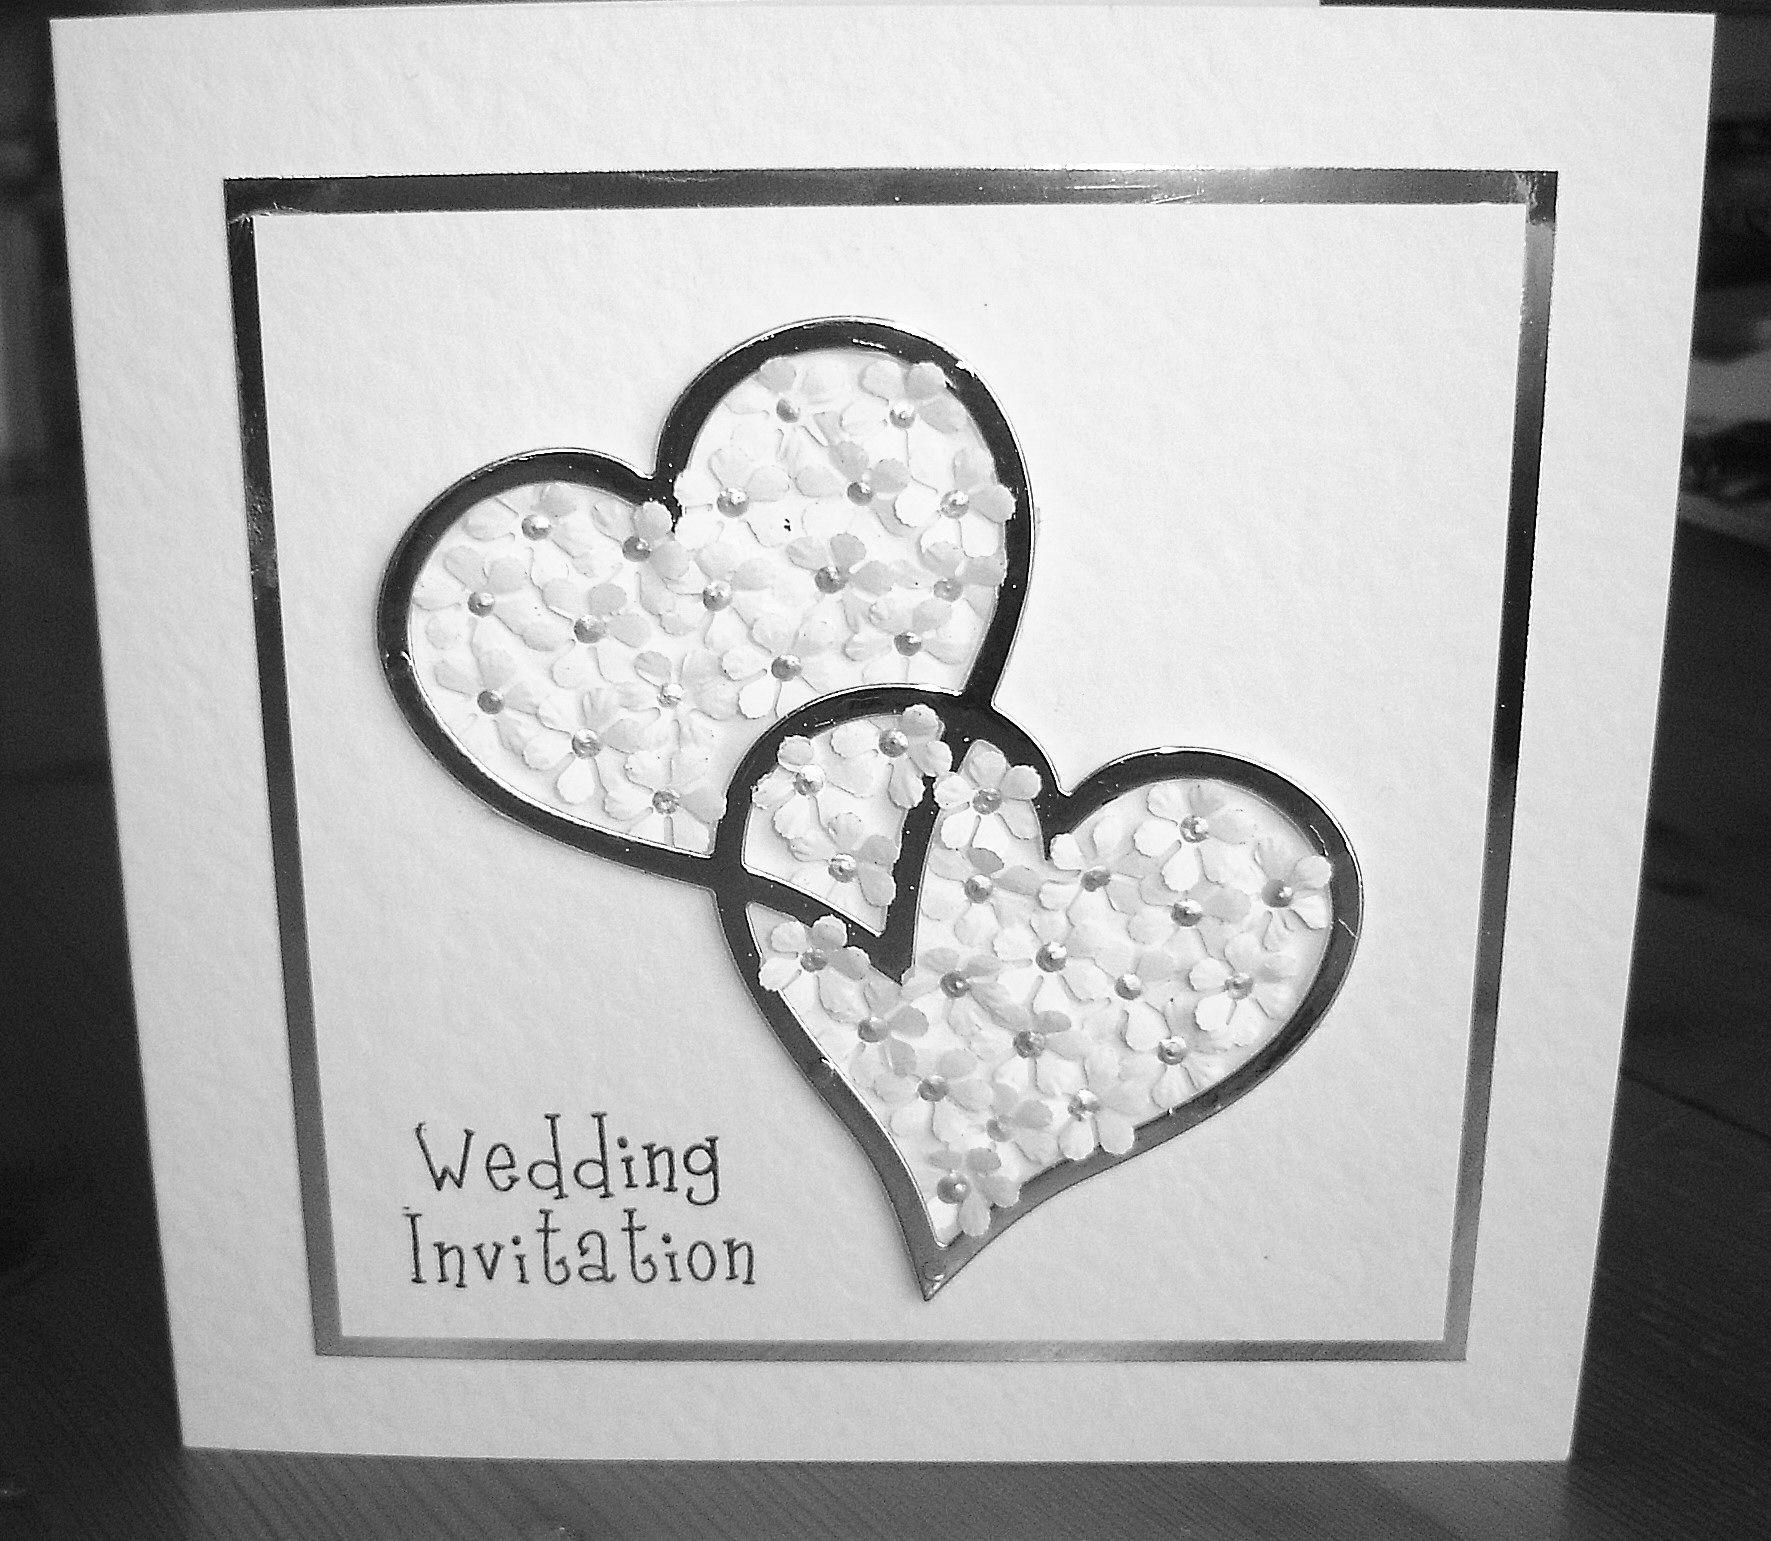 wedding invatationsue  wedding invatations cards and